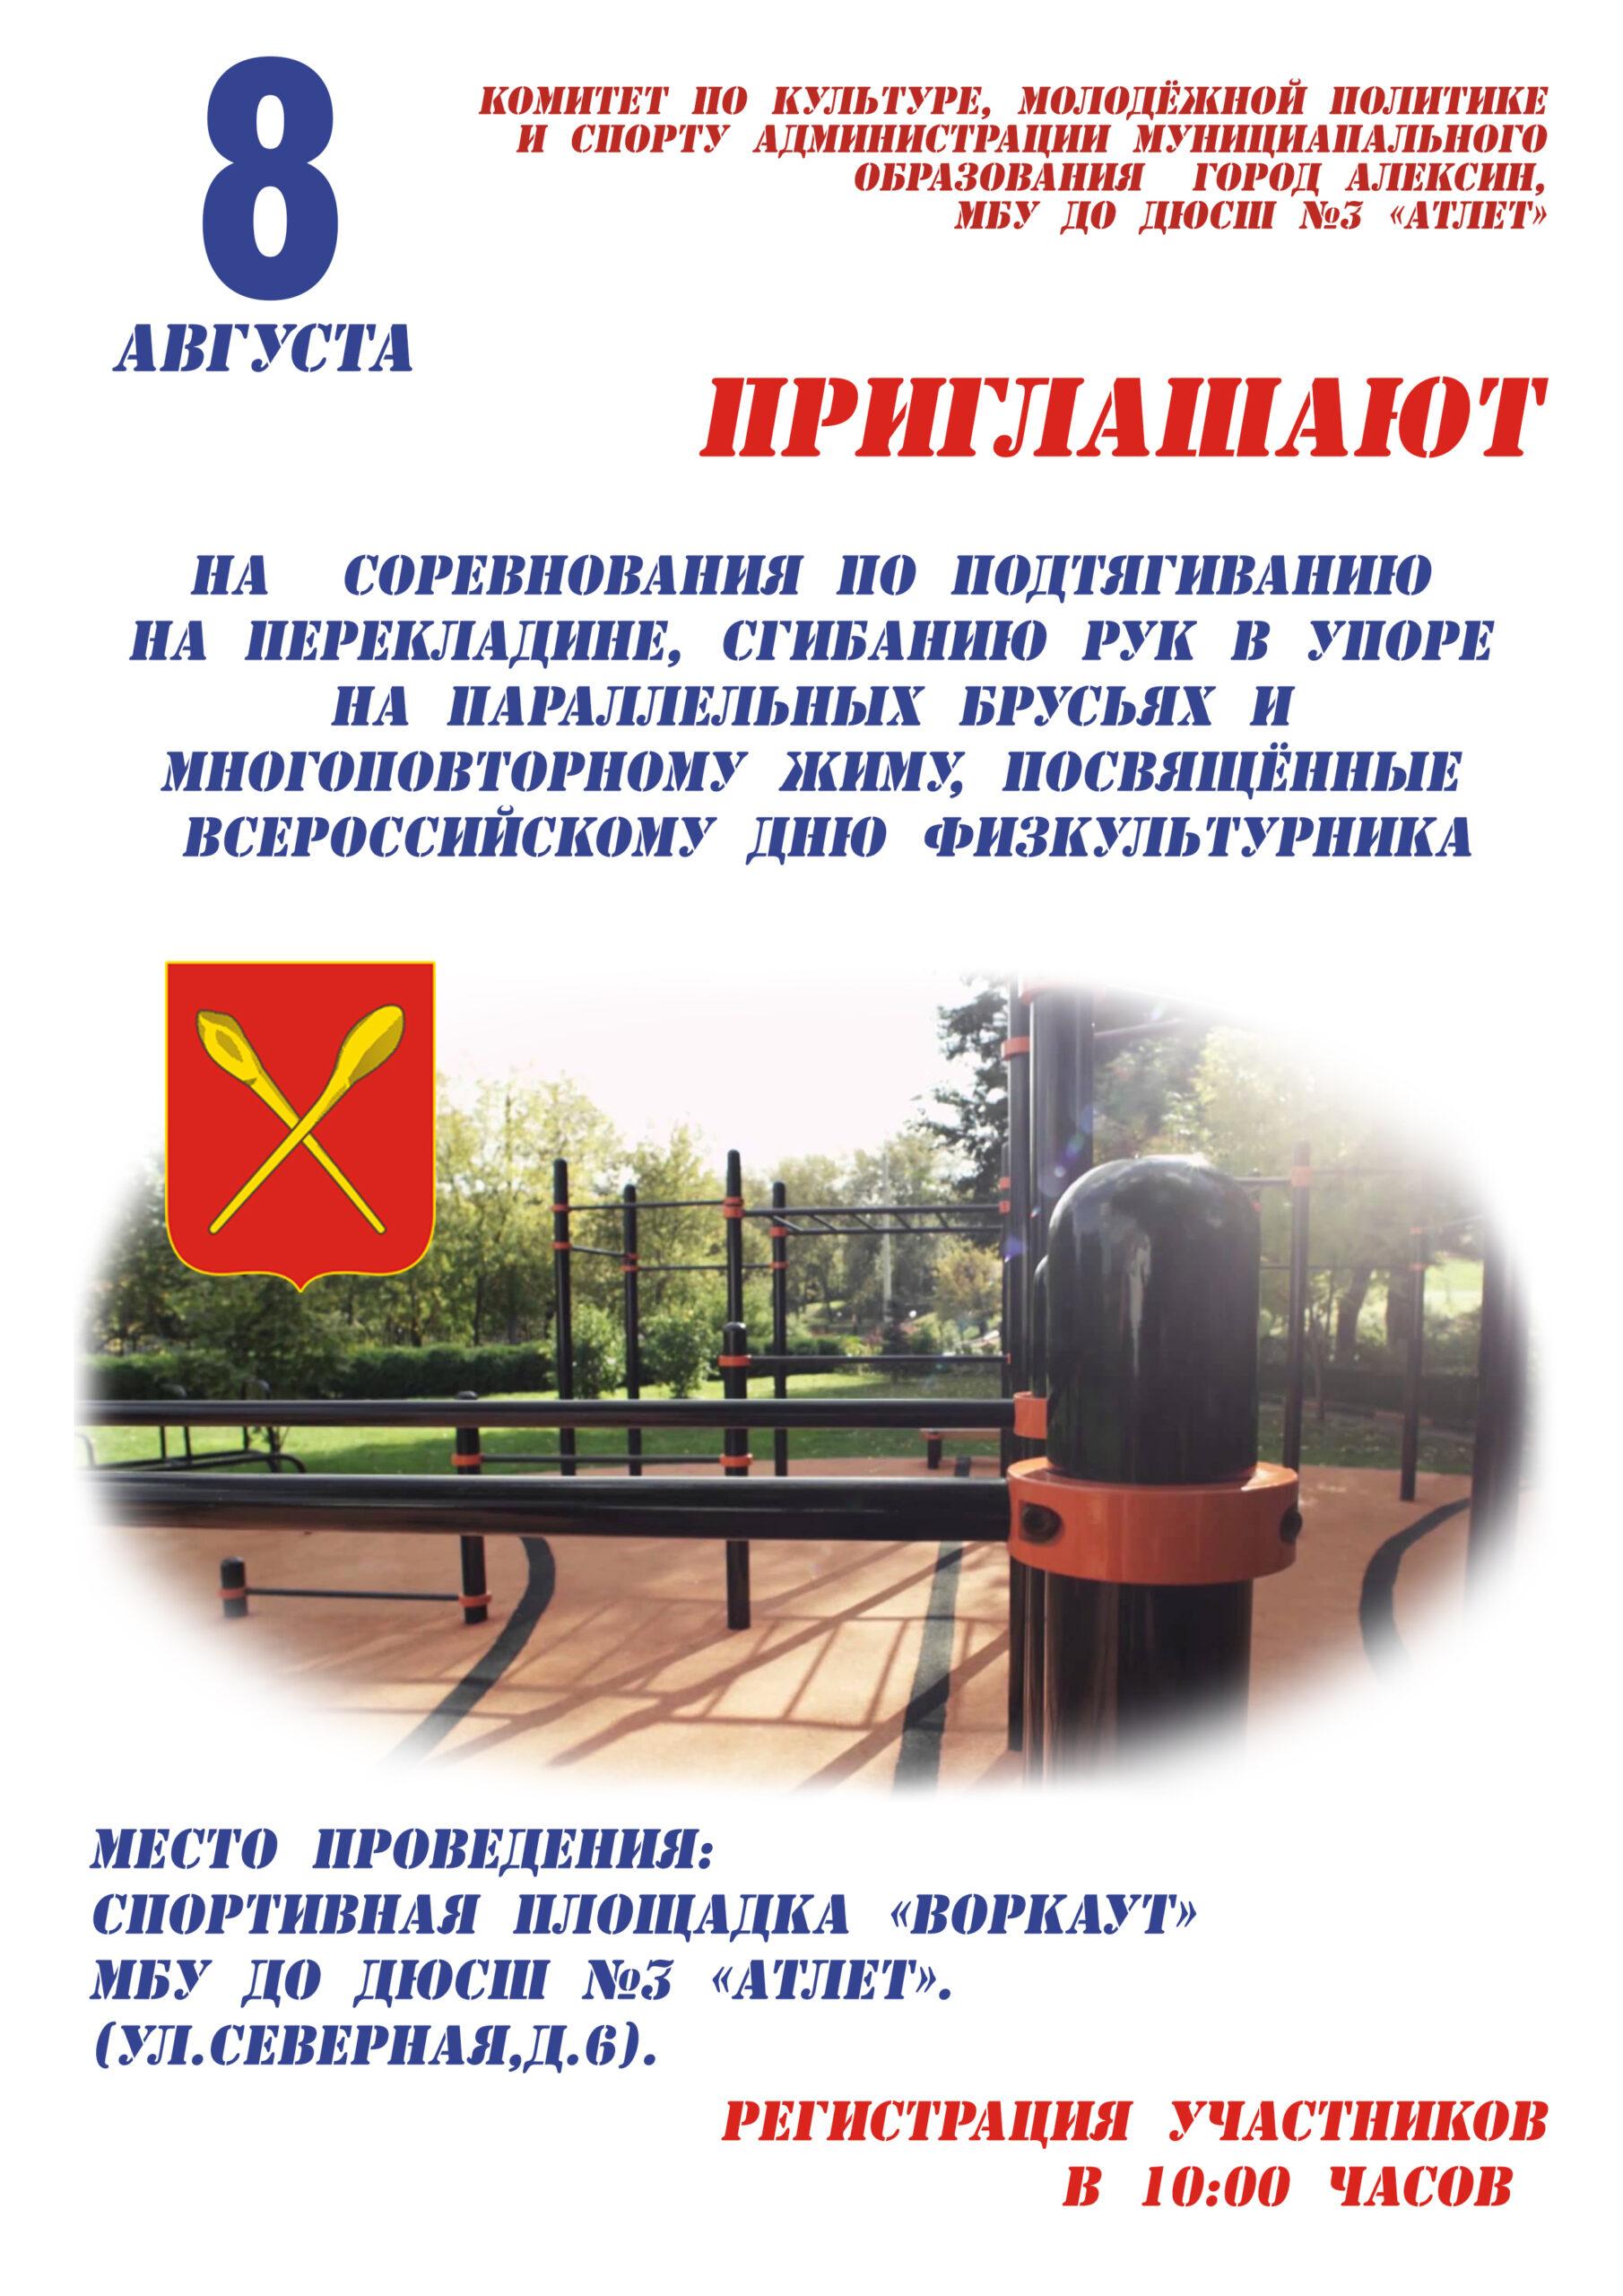 Соревнования посвященные Всероссийскому Дню физкультурника